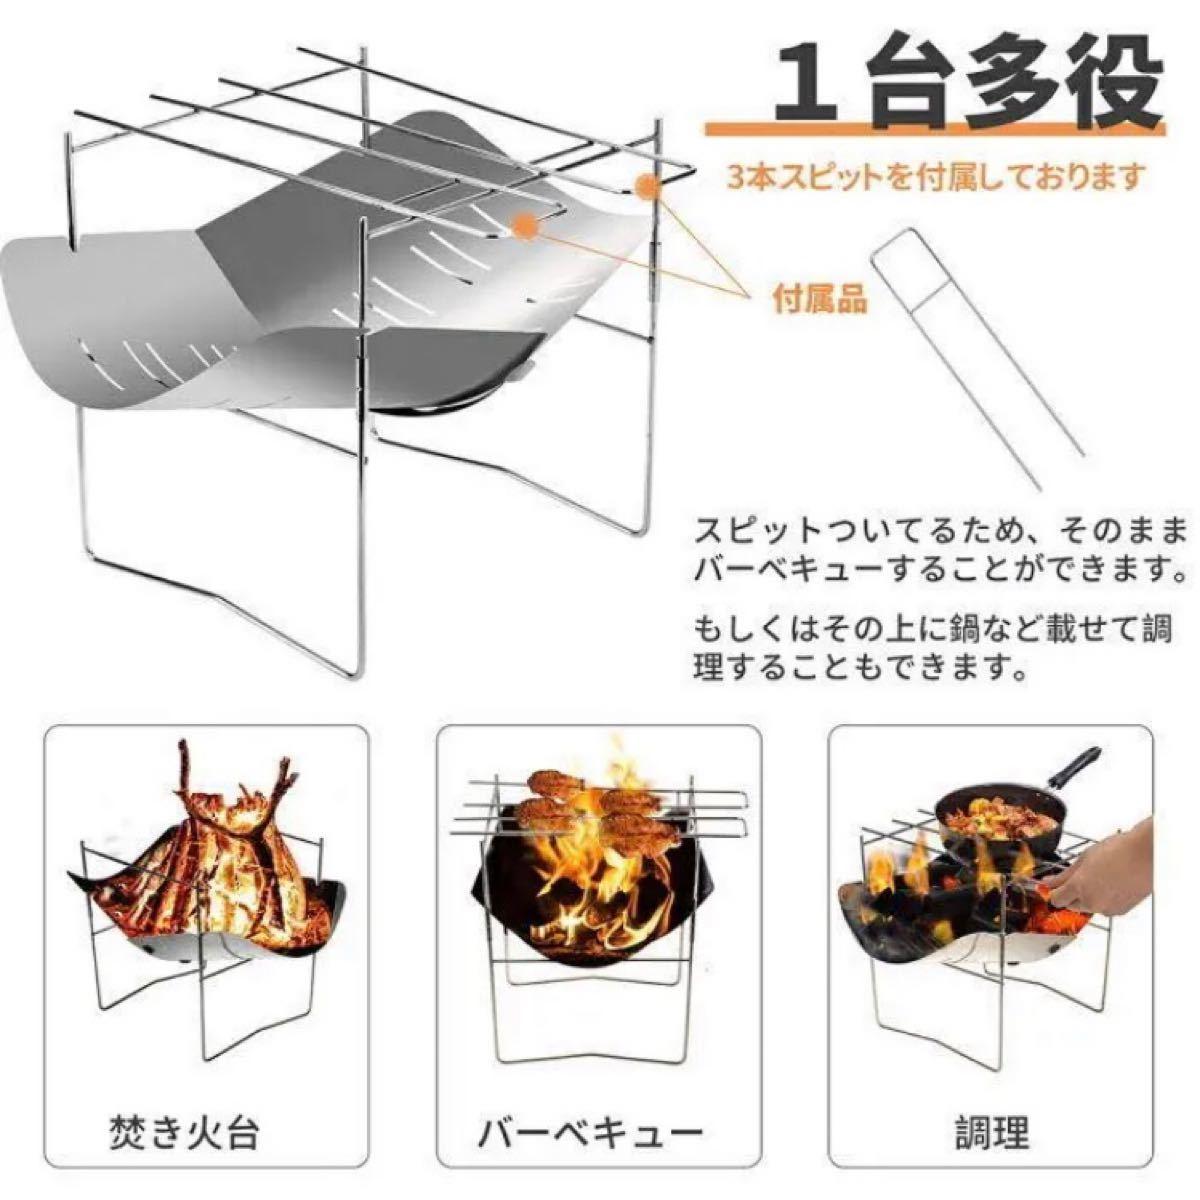 焚き火台 折り畳み式 キャンプ用品 バーベキューコンロ スピット3本付